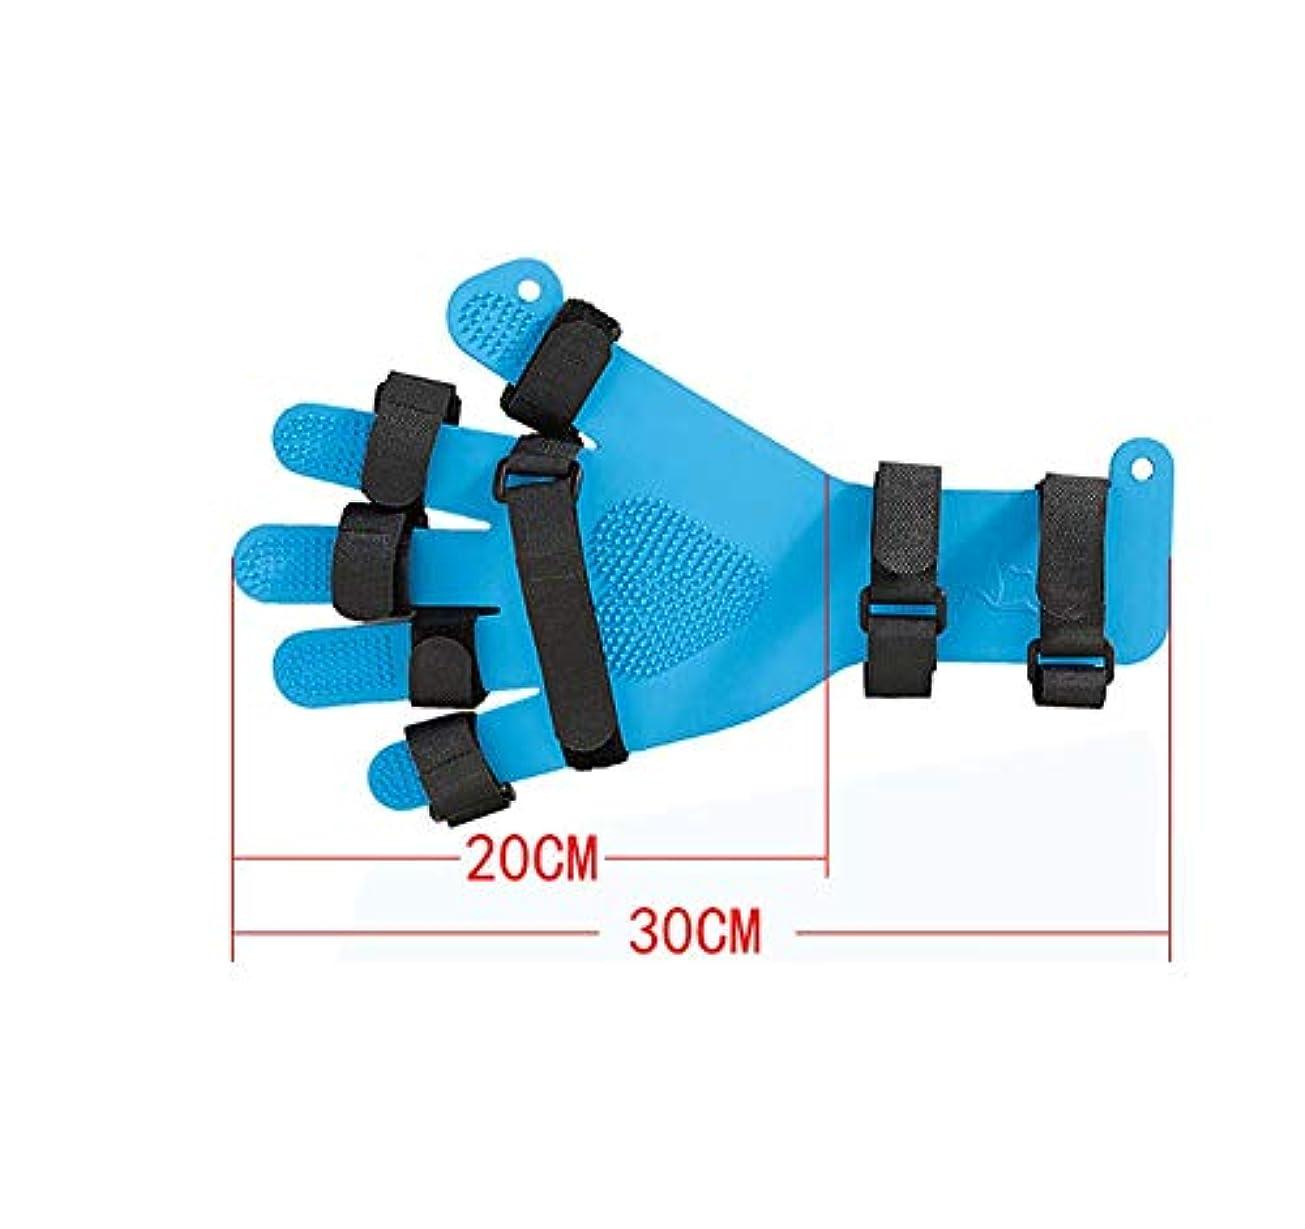 買収転送他に脳卒中HemiplegiaSpasmストローク神経障害Finge左右の区切りインソール-Adjustable指拡張ボードを指